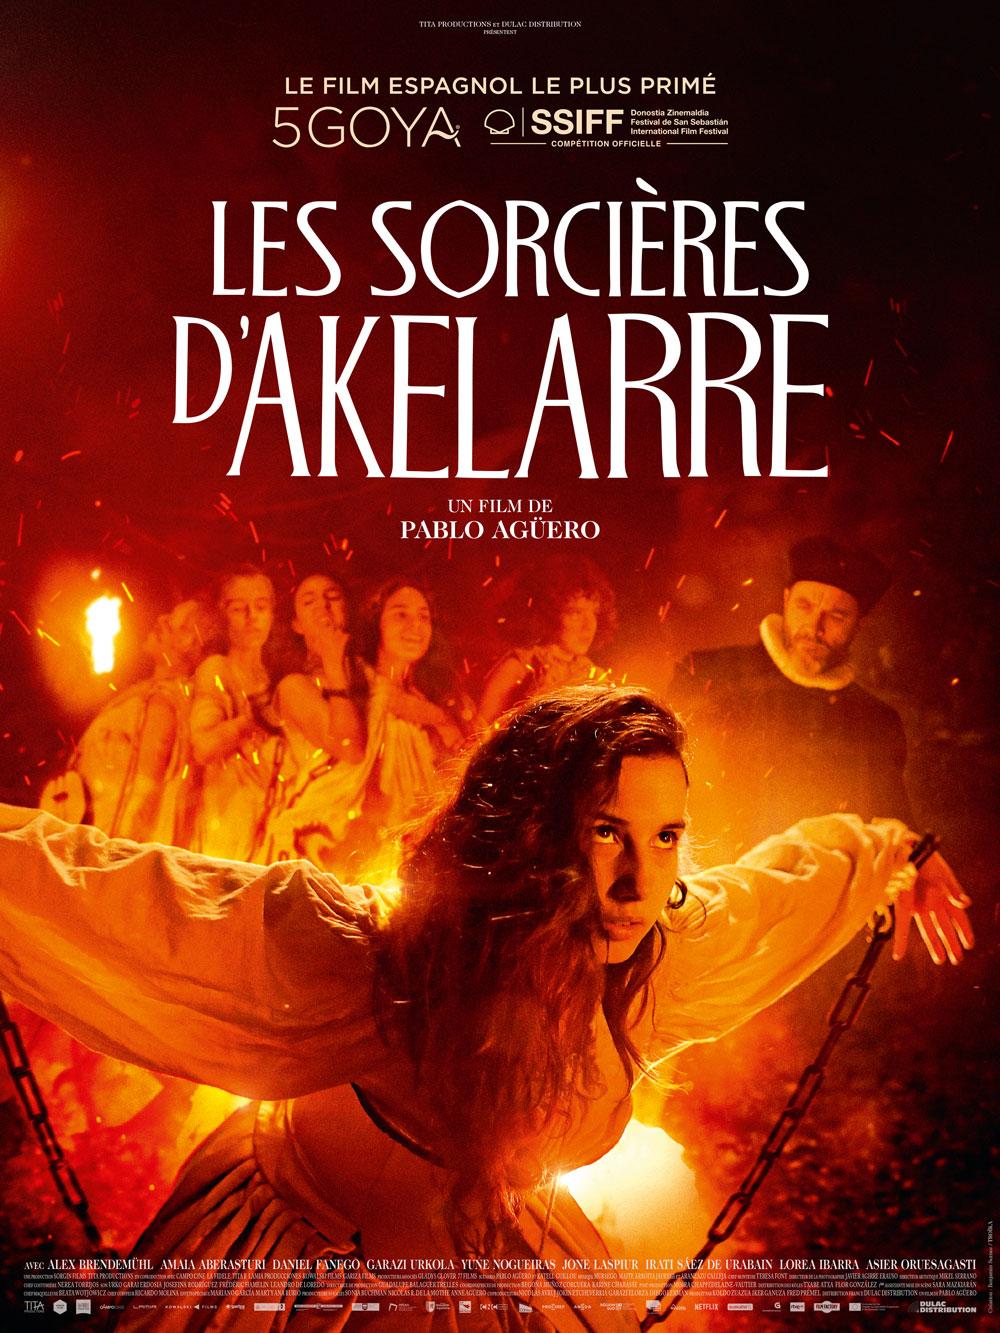 BD_120x160-les-sorcieres-d-akelarre-hd-611133194a081